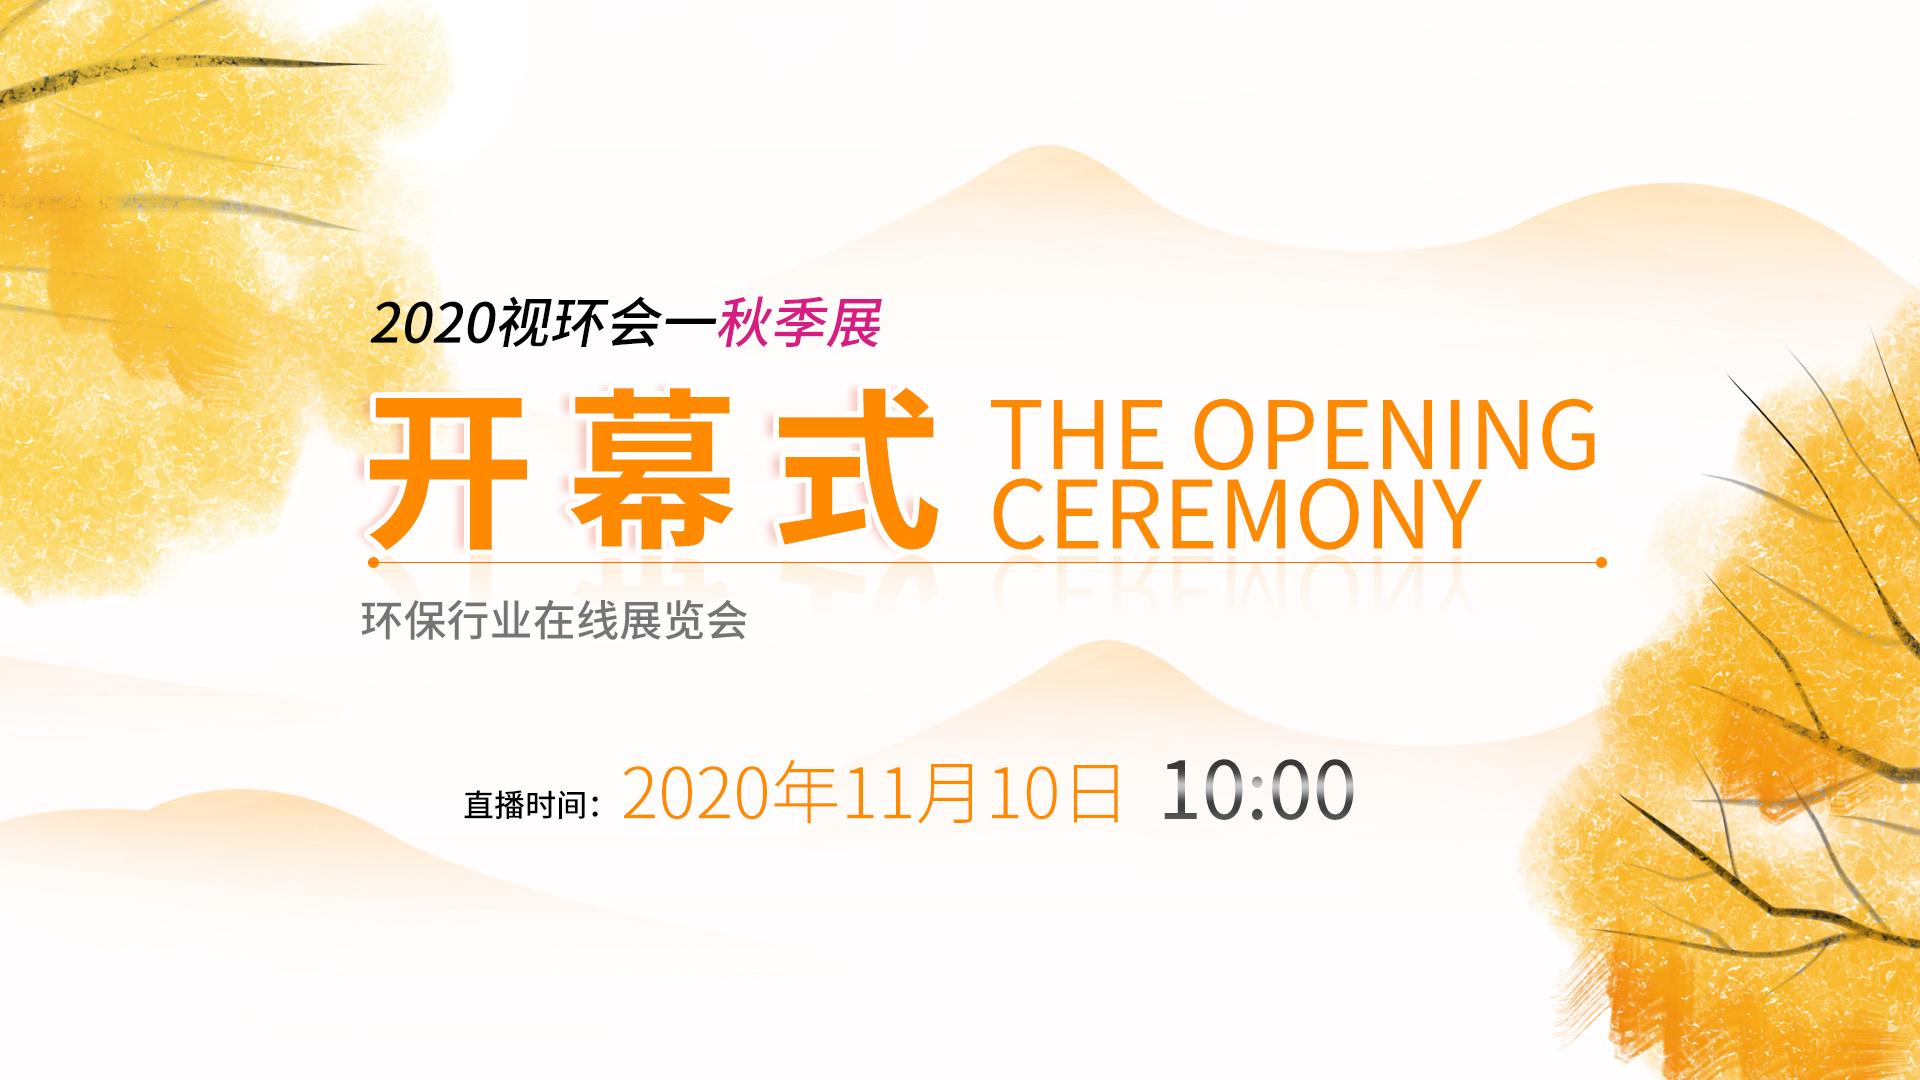 2020视环会-秋季展开幕式